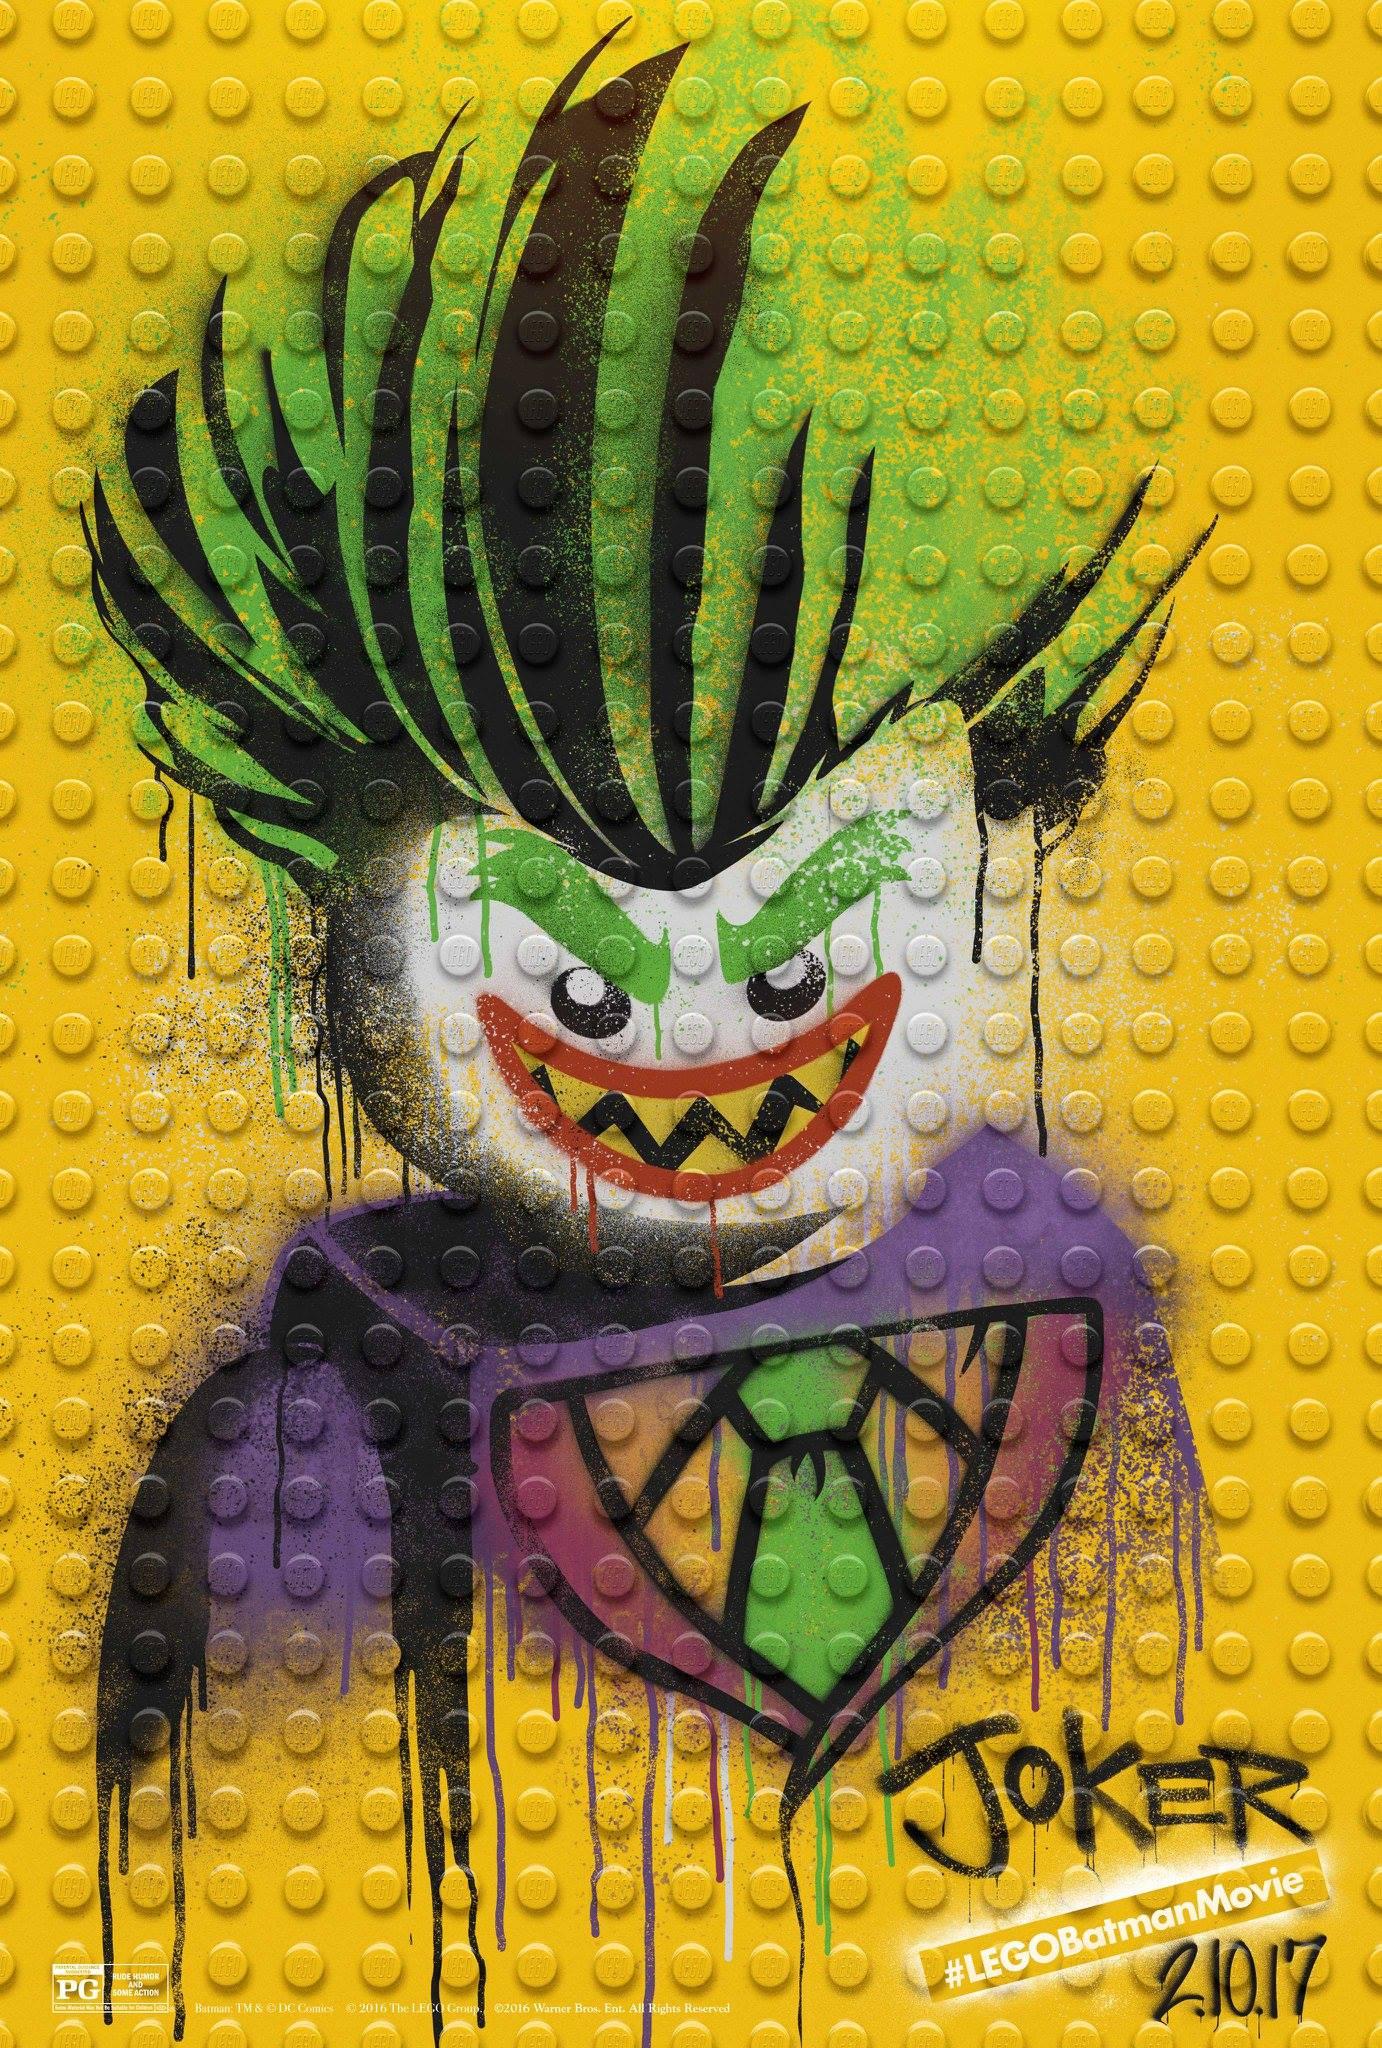 szmk_batman_lego_dc_poster_4.jpg